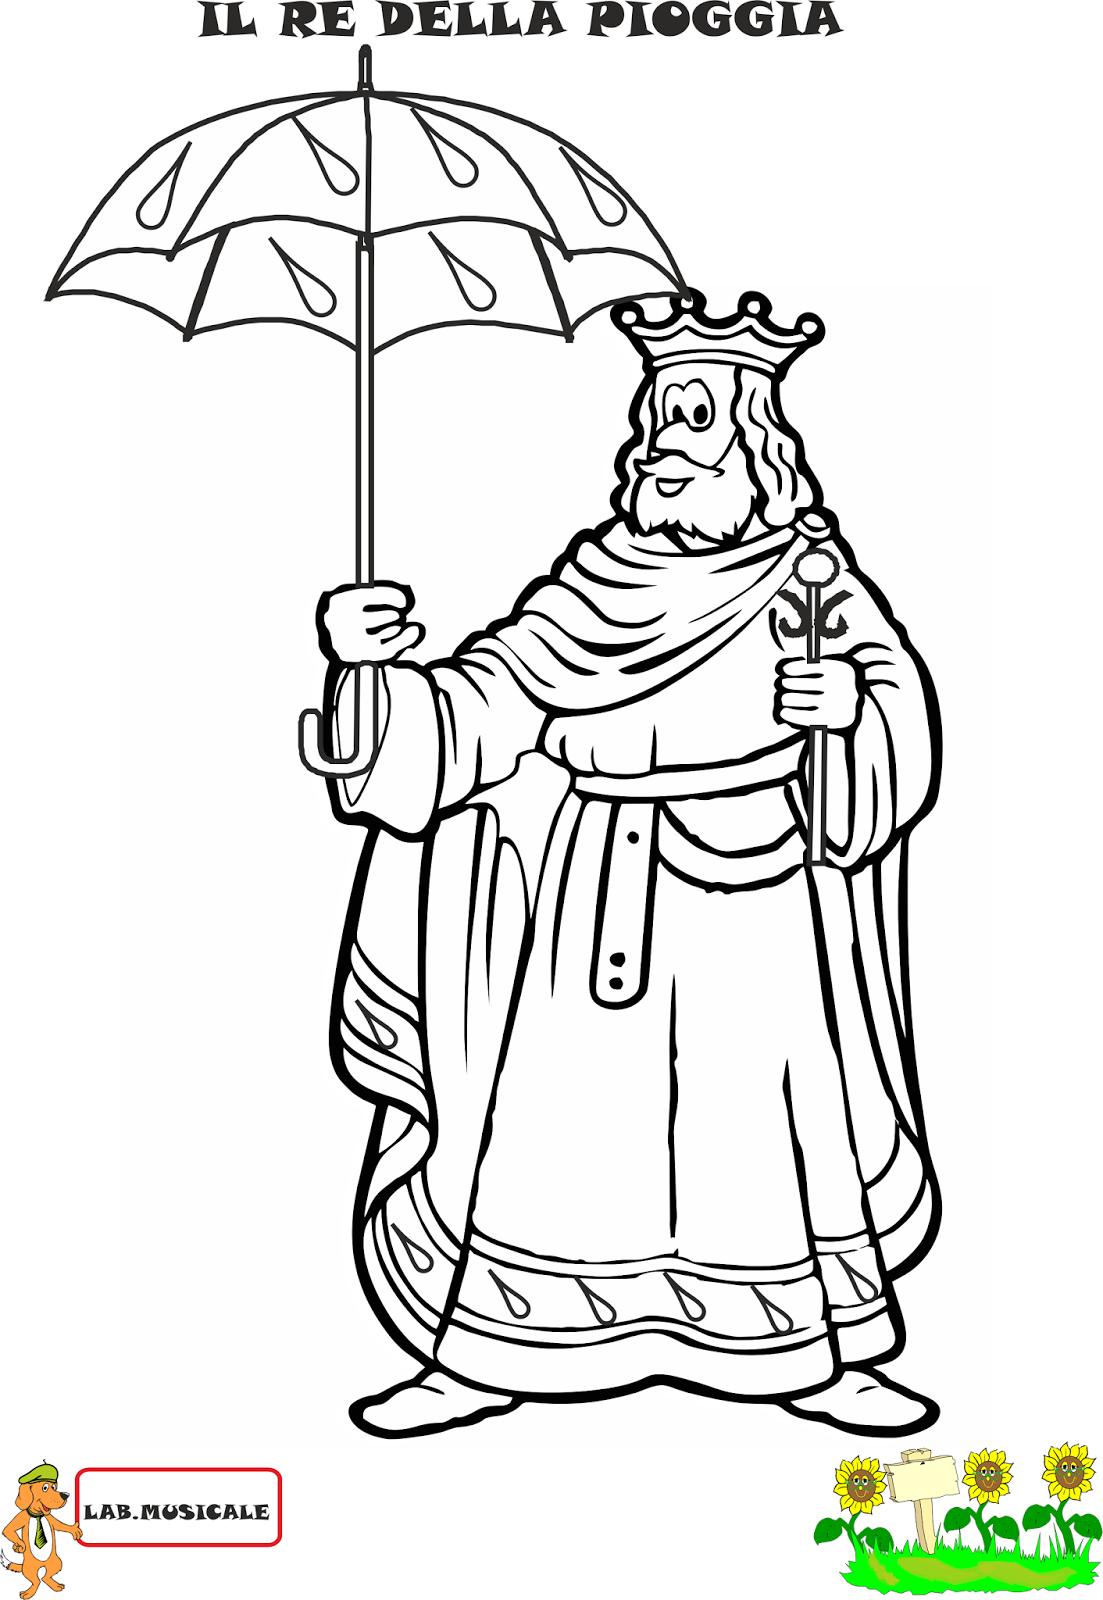 Eccezionale A Scuola con Poldo: Piano/forte: il gioco del Re della pioggia UV42